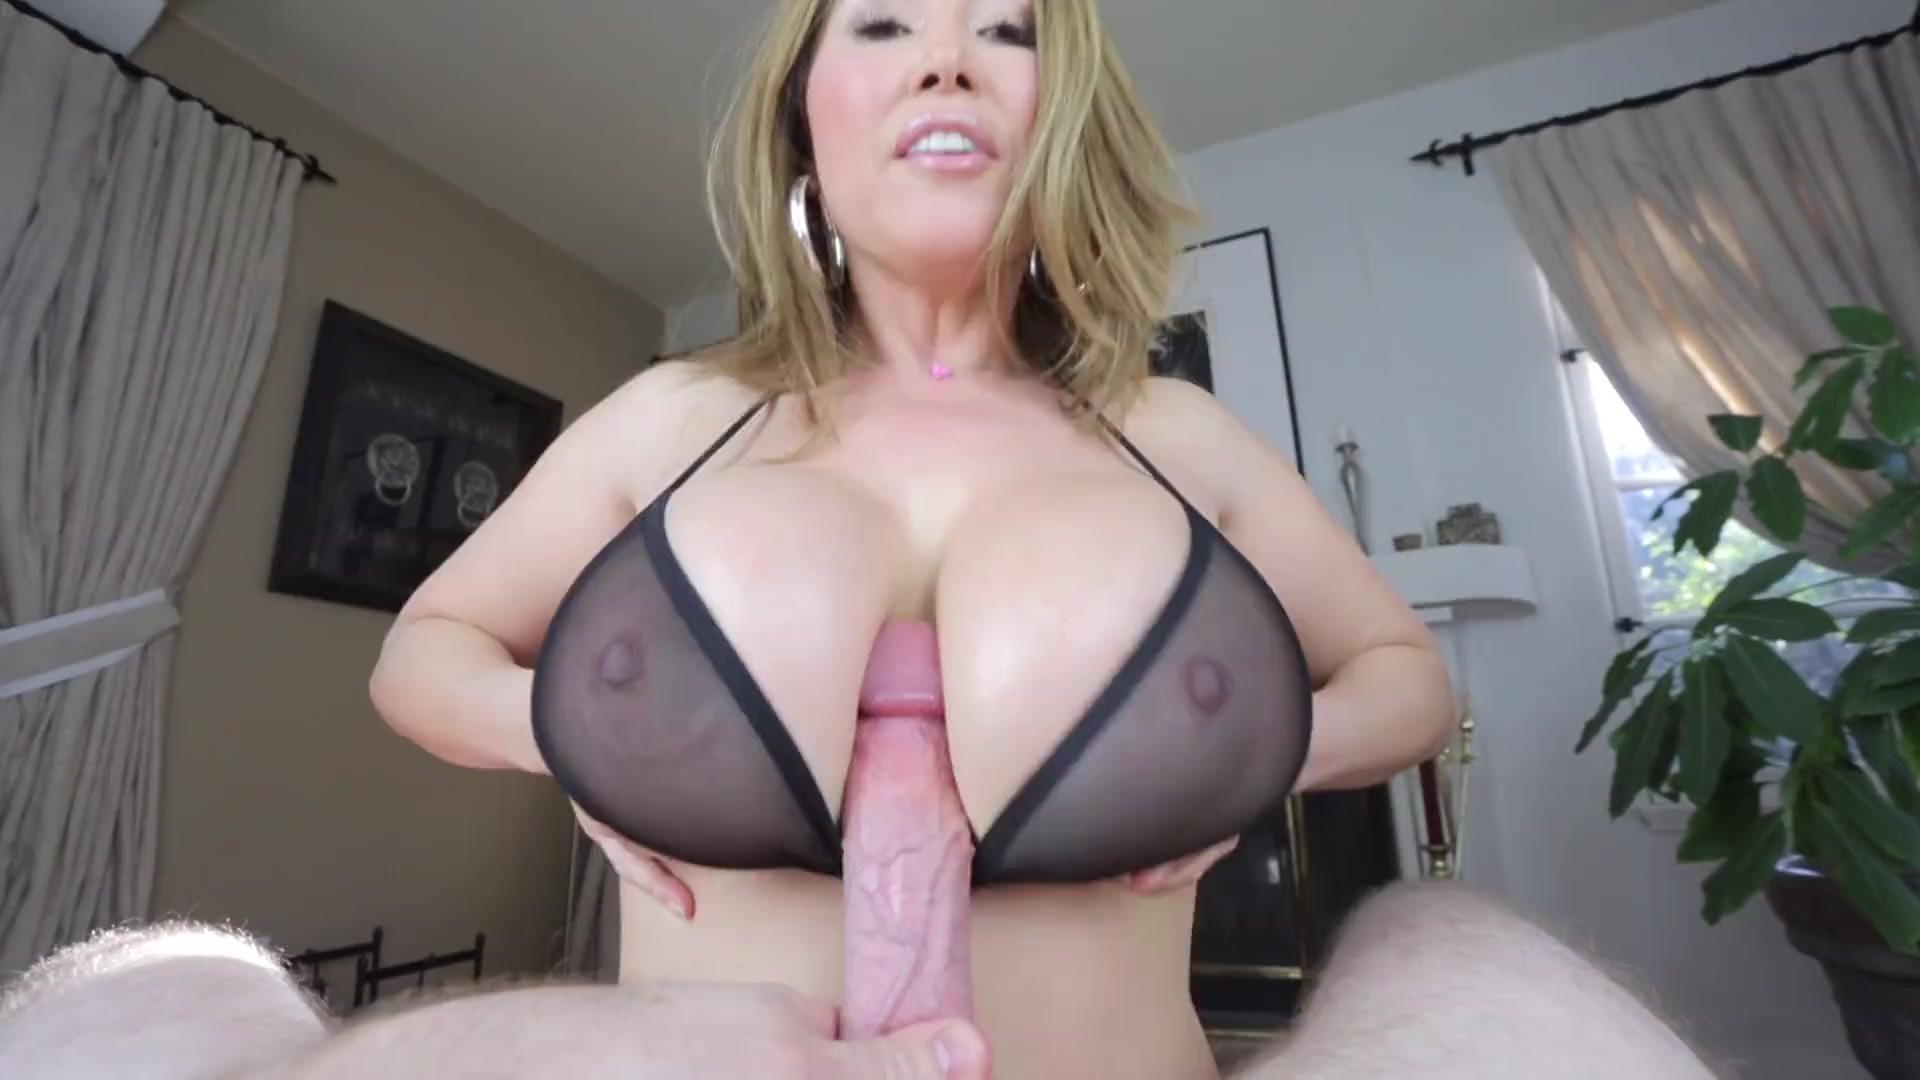 ogromniy-lifchik-porno